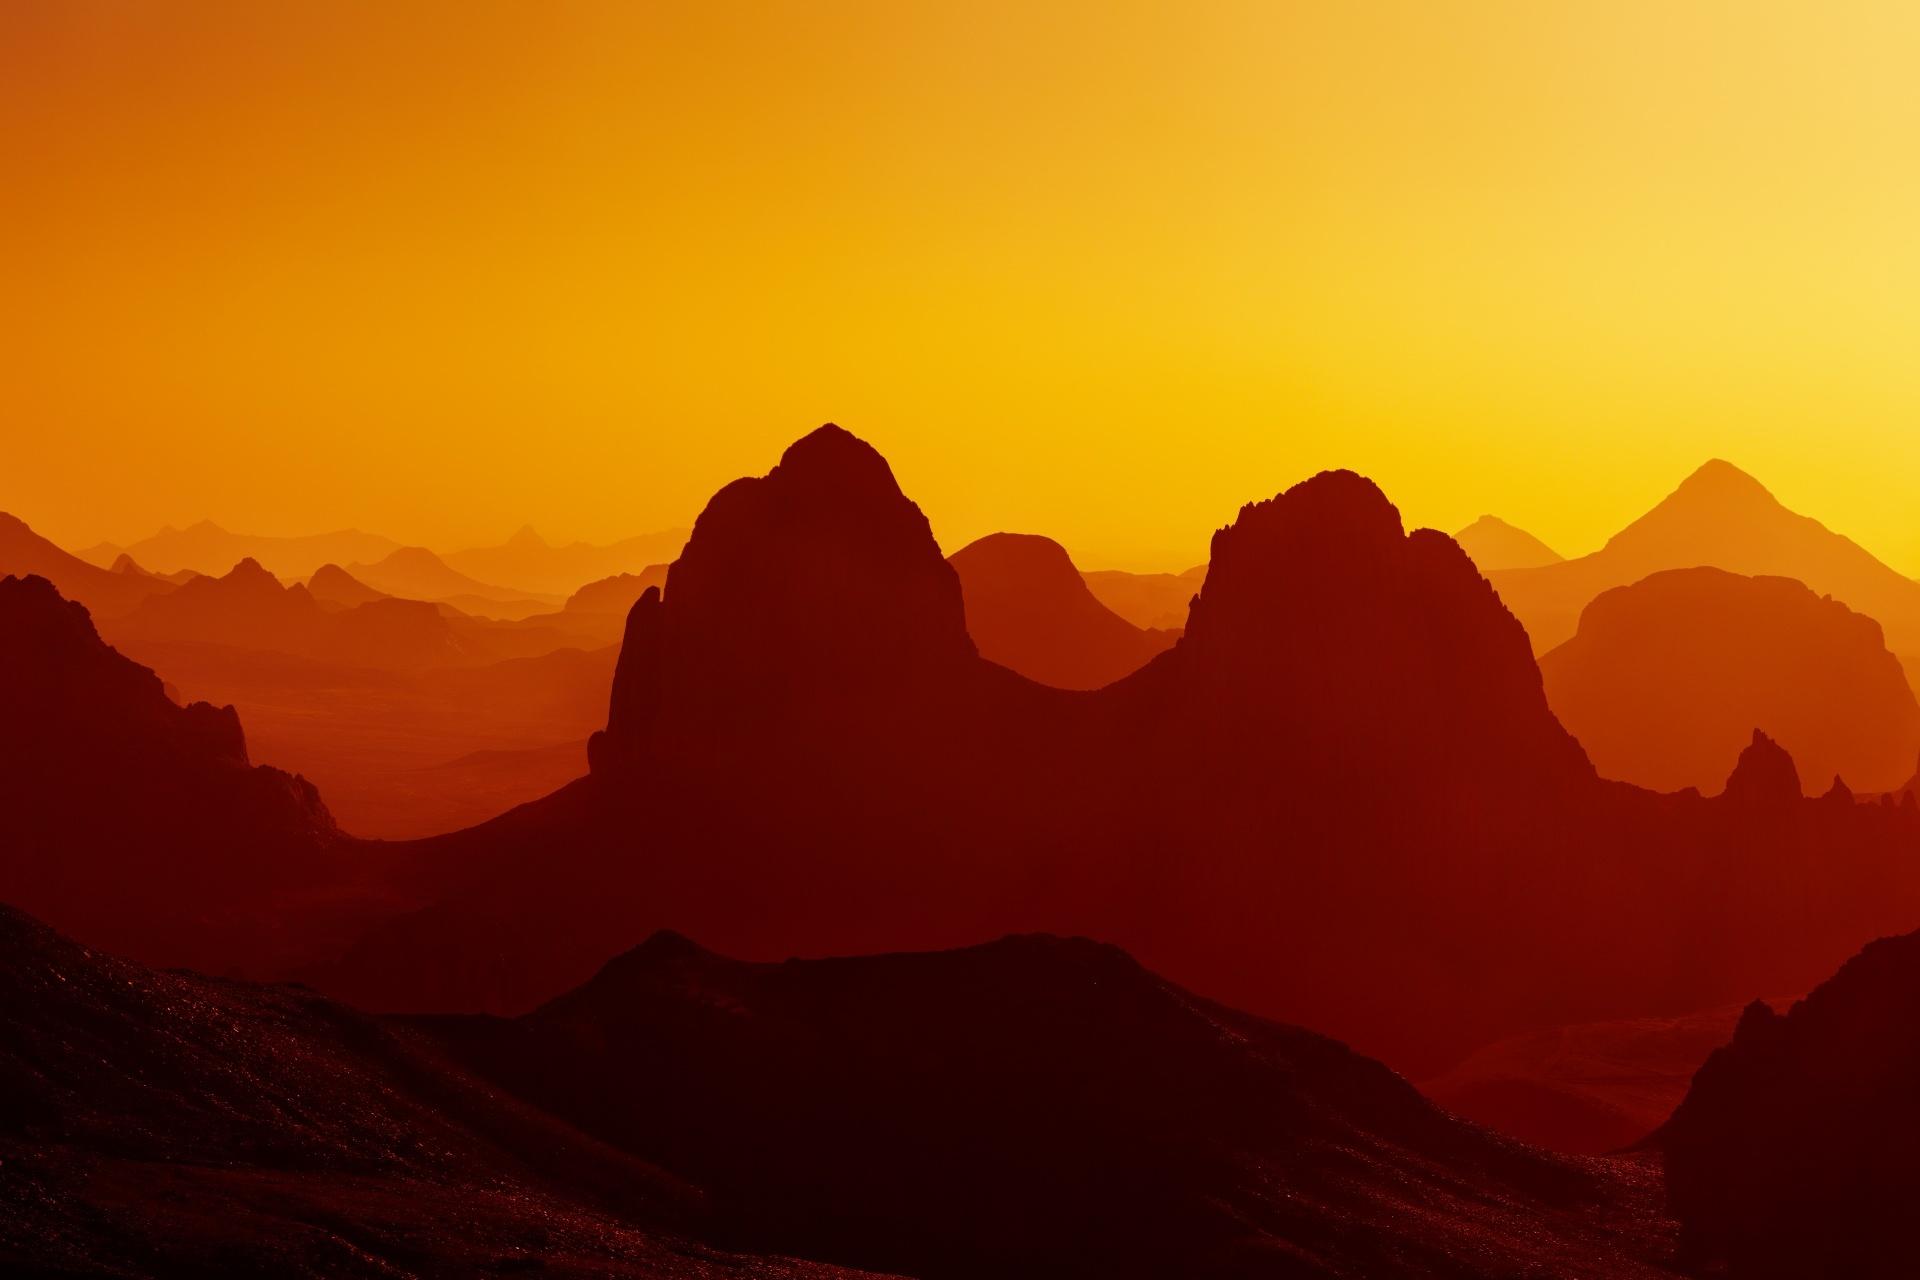 朝焼けのサハラ砂漠の風景 アルジェリアの風景